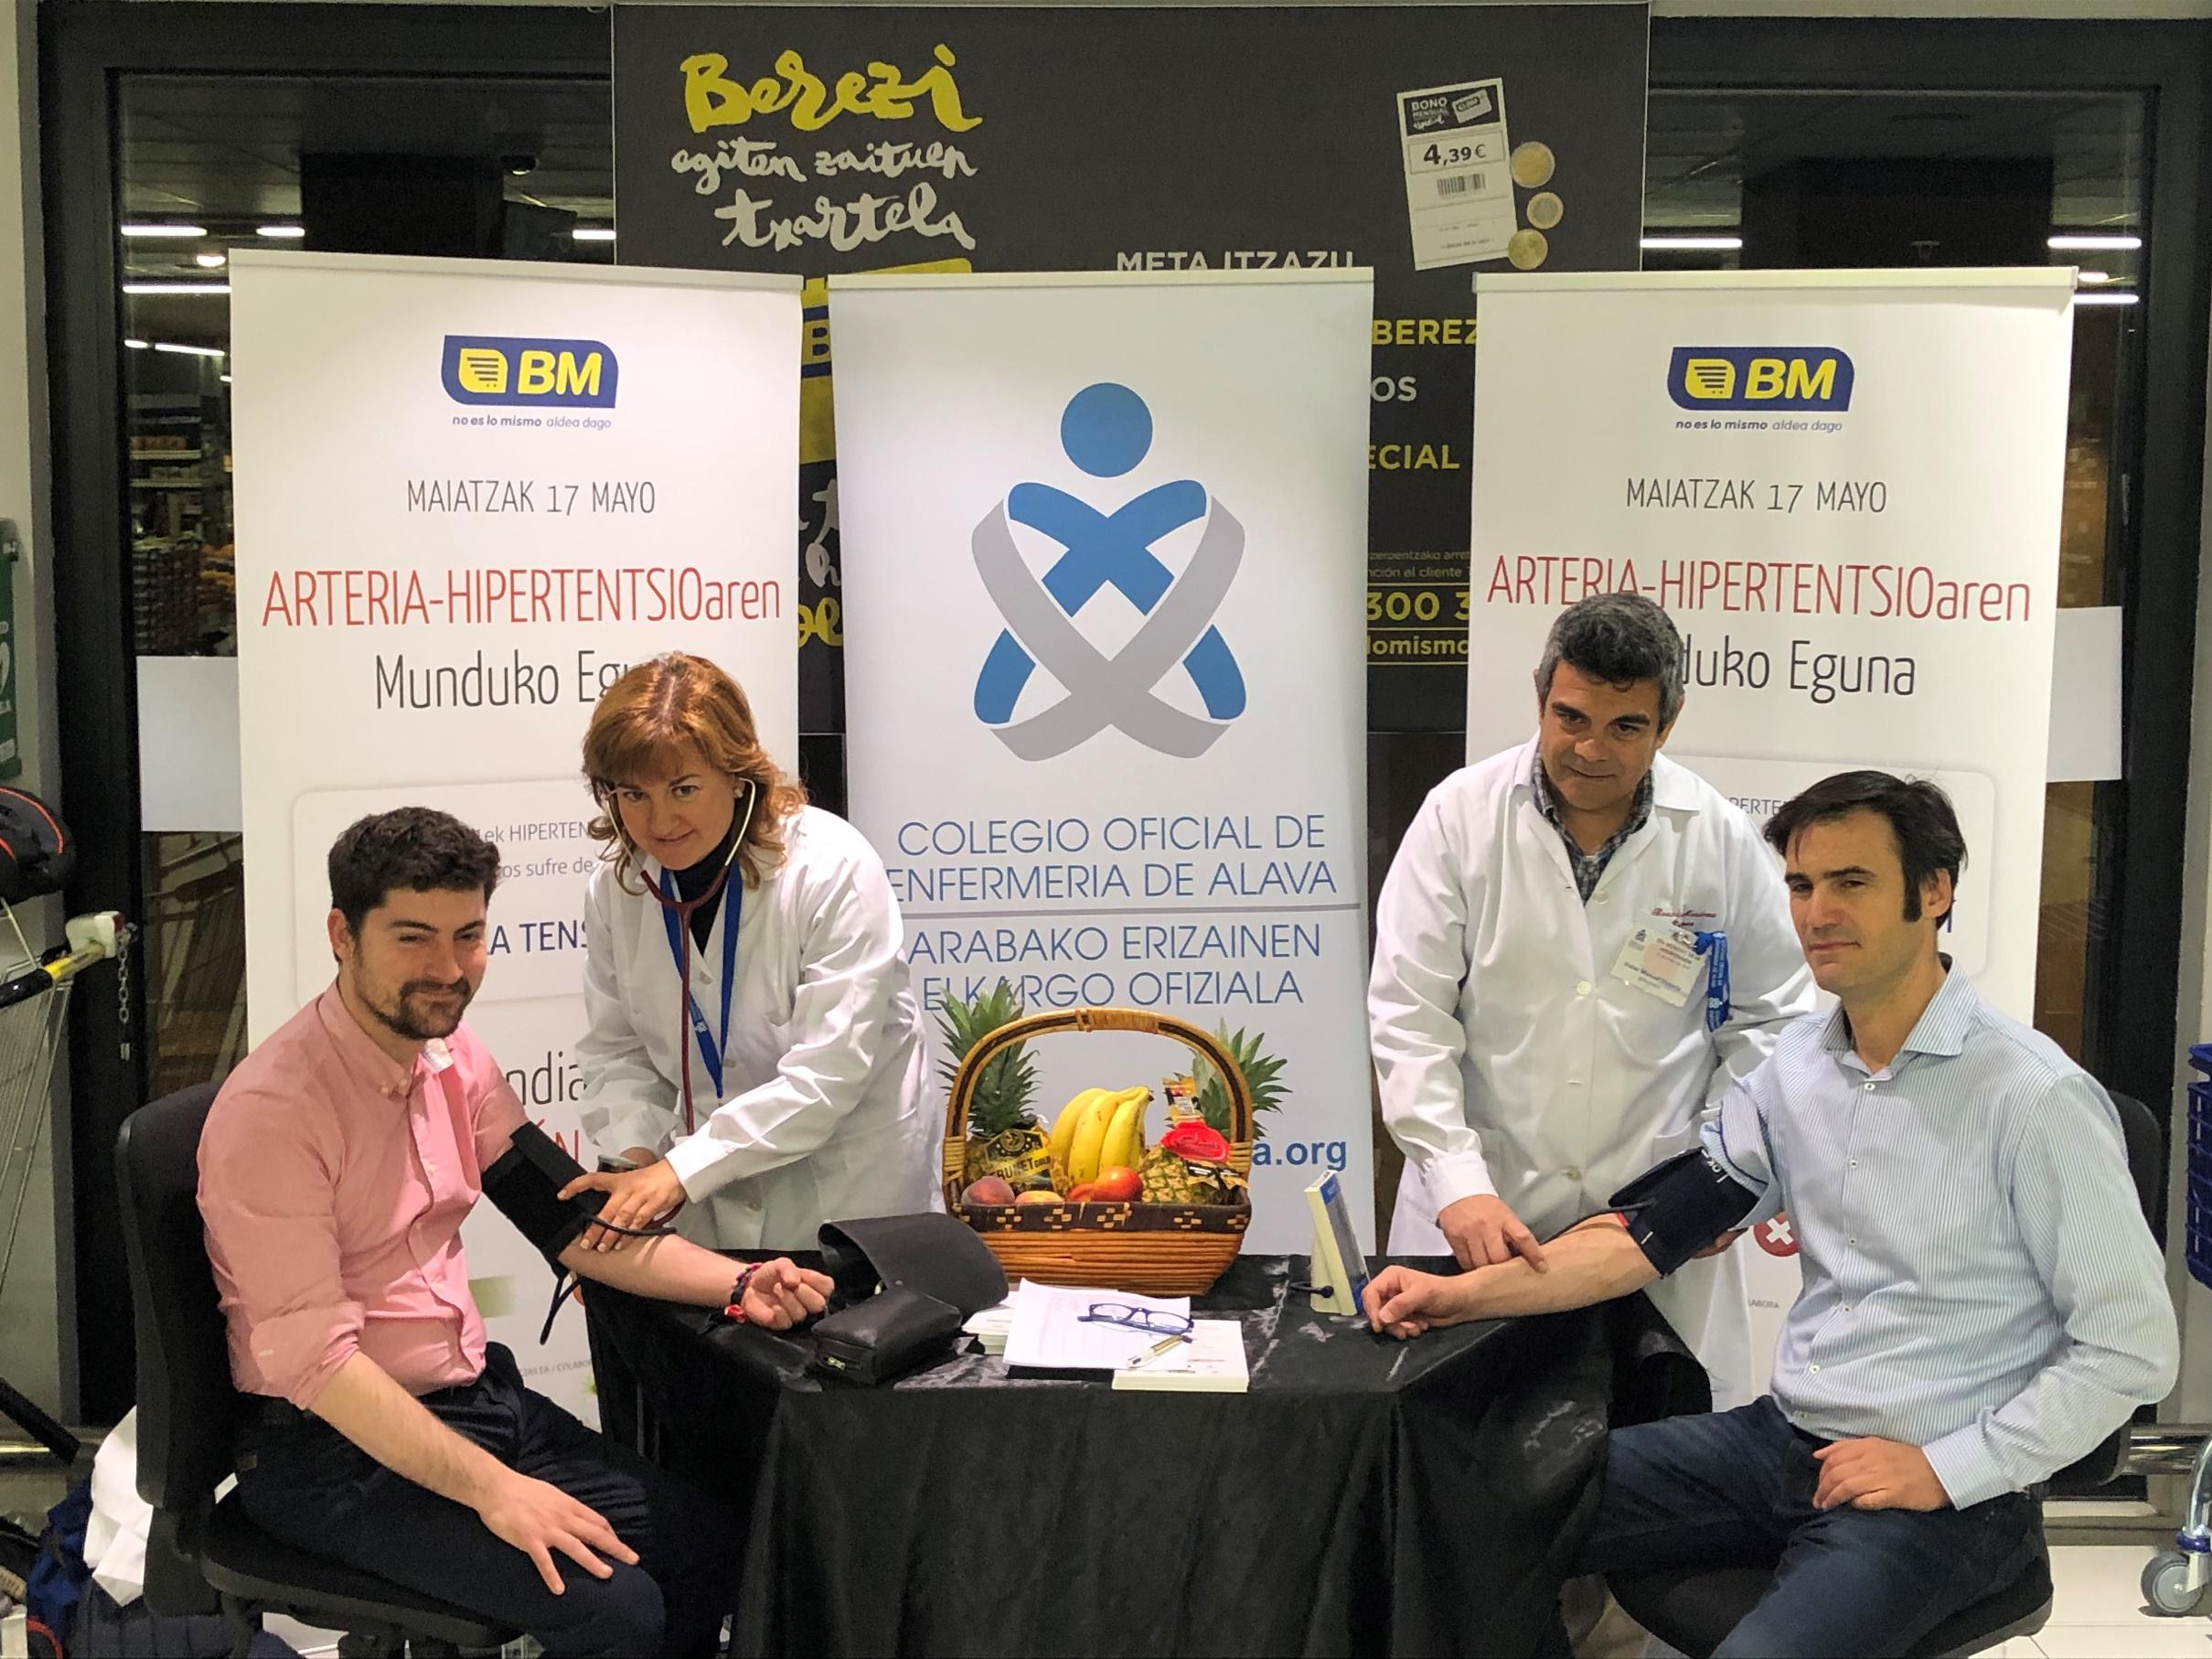 Los colegios de Álava y Guipúzcoa se suman a BM Supermercados para cuidar la tensión arterial de la ciudadanía